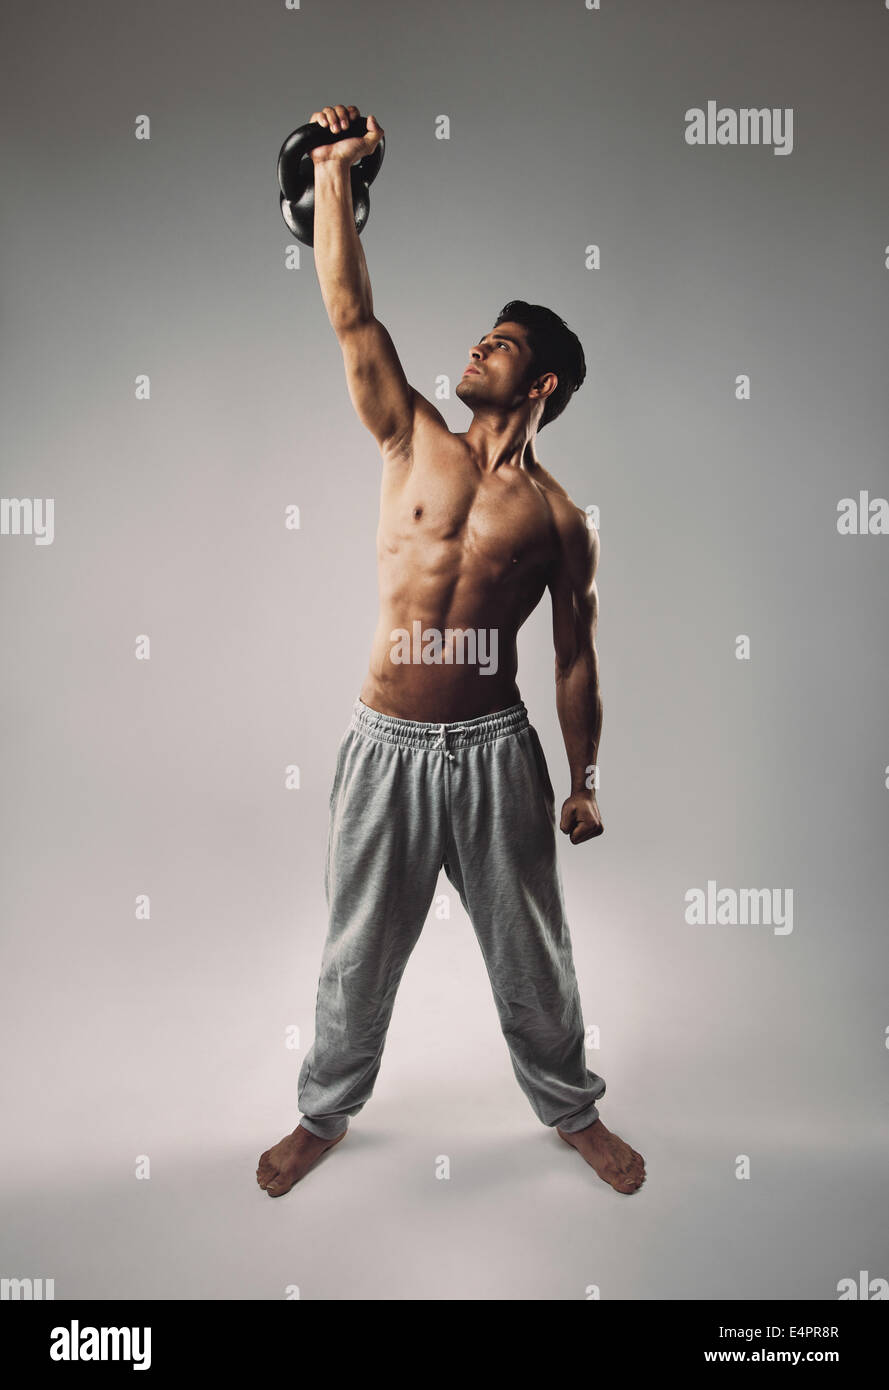 Bello e atletico giovane uomo di sollevare un kettlebell con una mano come un allenamento crossfit. Uomo muscolare Immagini Stock